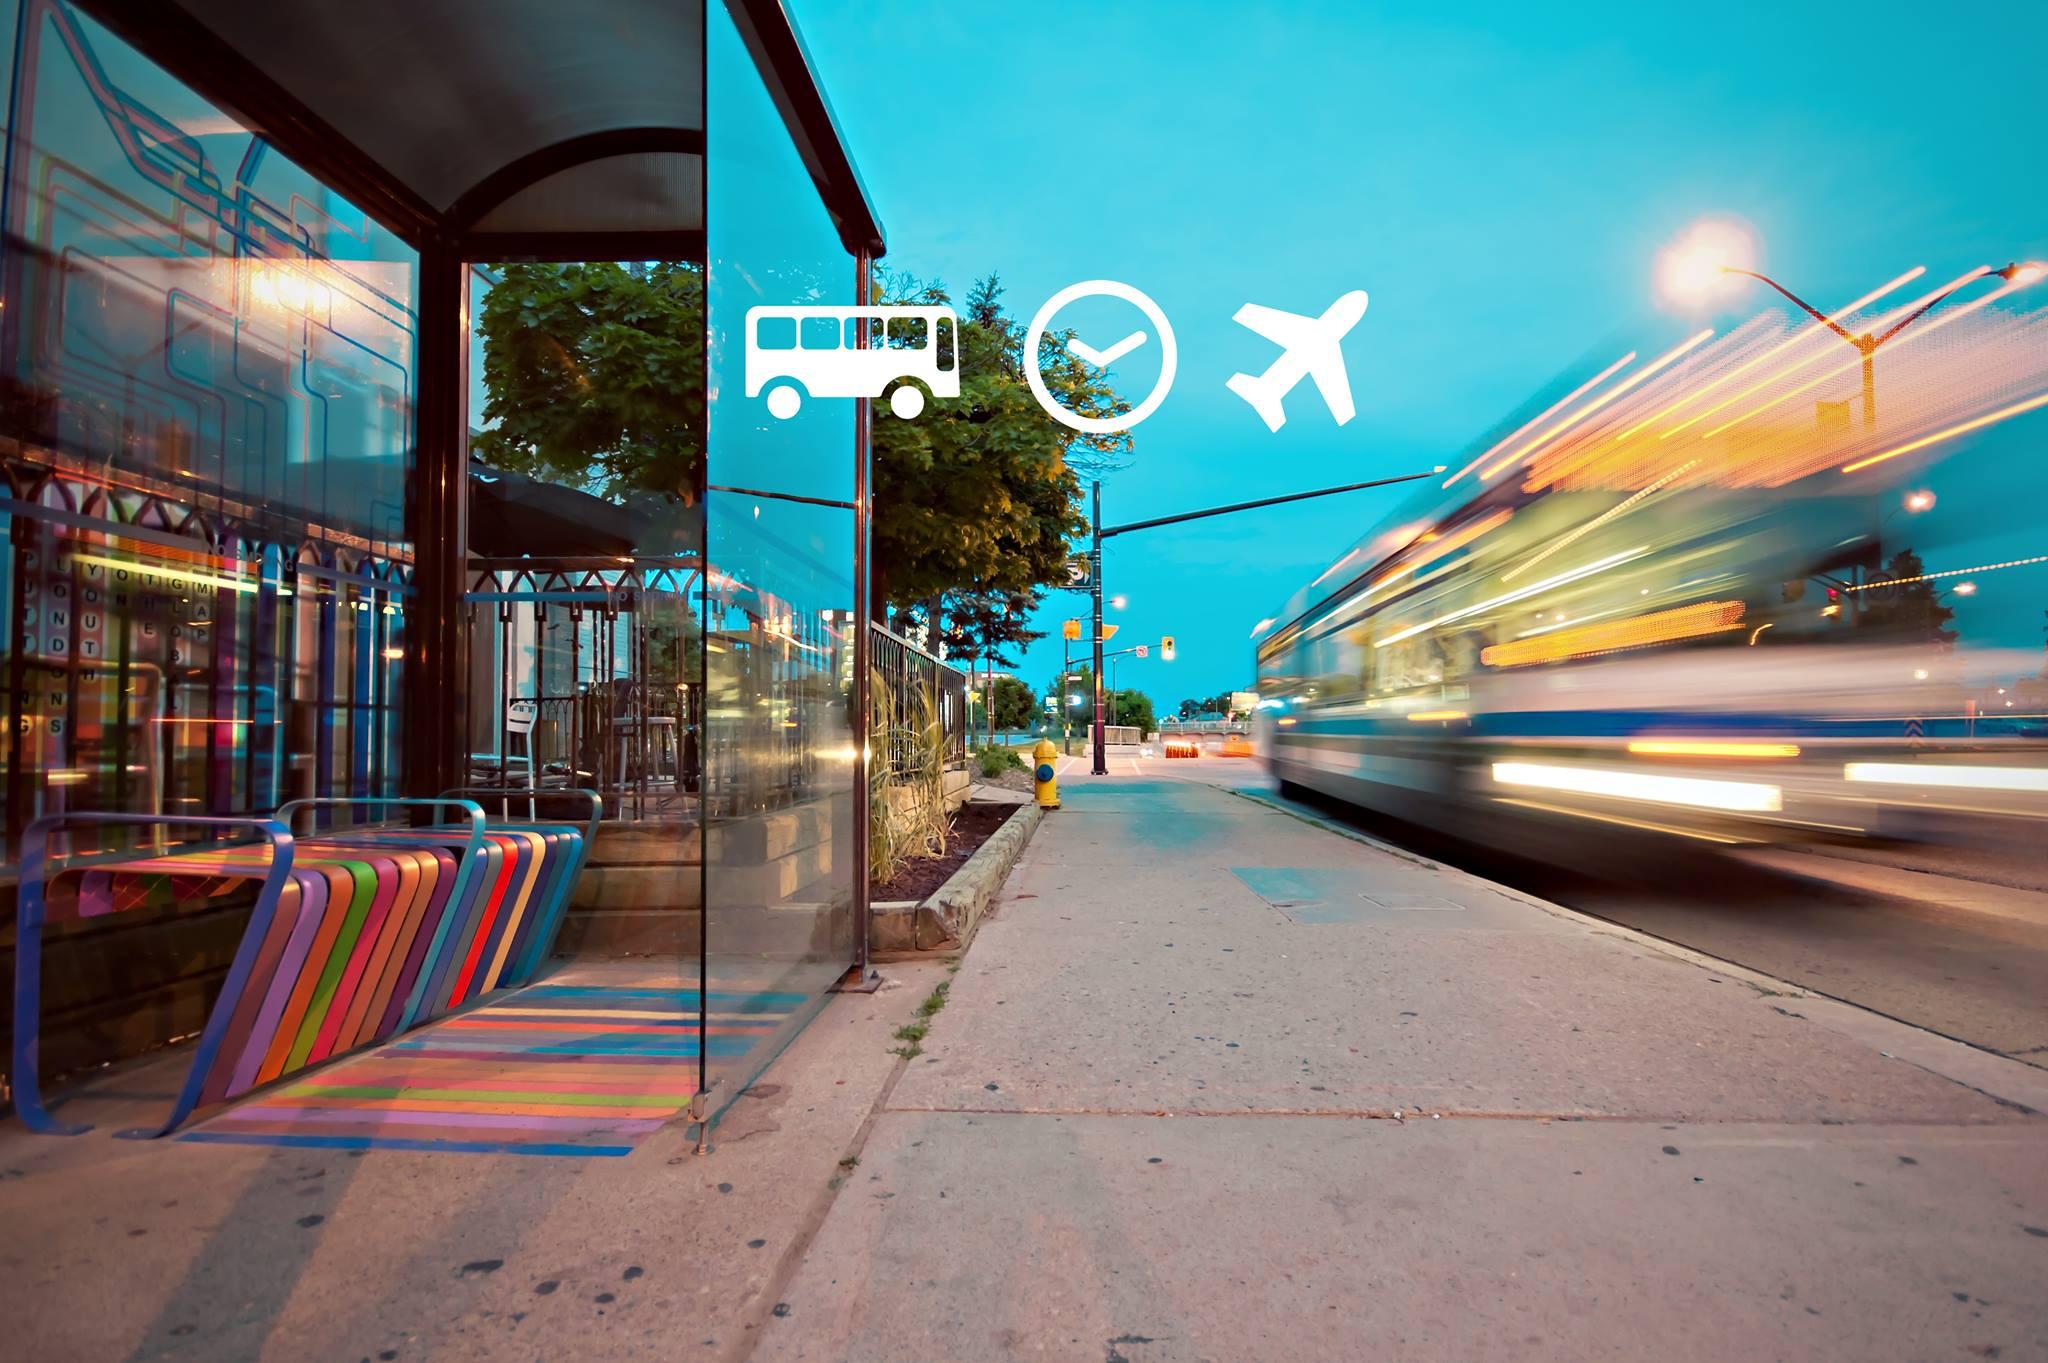 O bumba + que horas passa + rumo ao aeroporto? (Foto: Reprodução/Facebook)